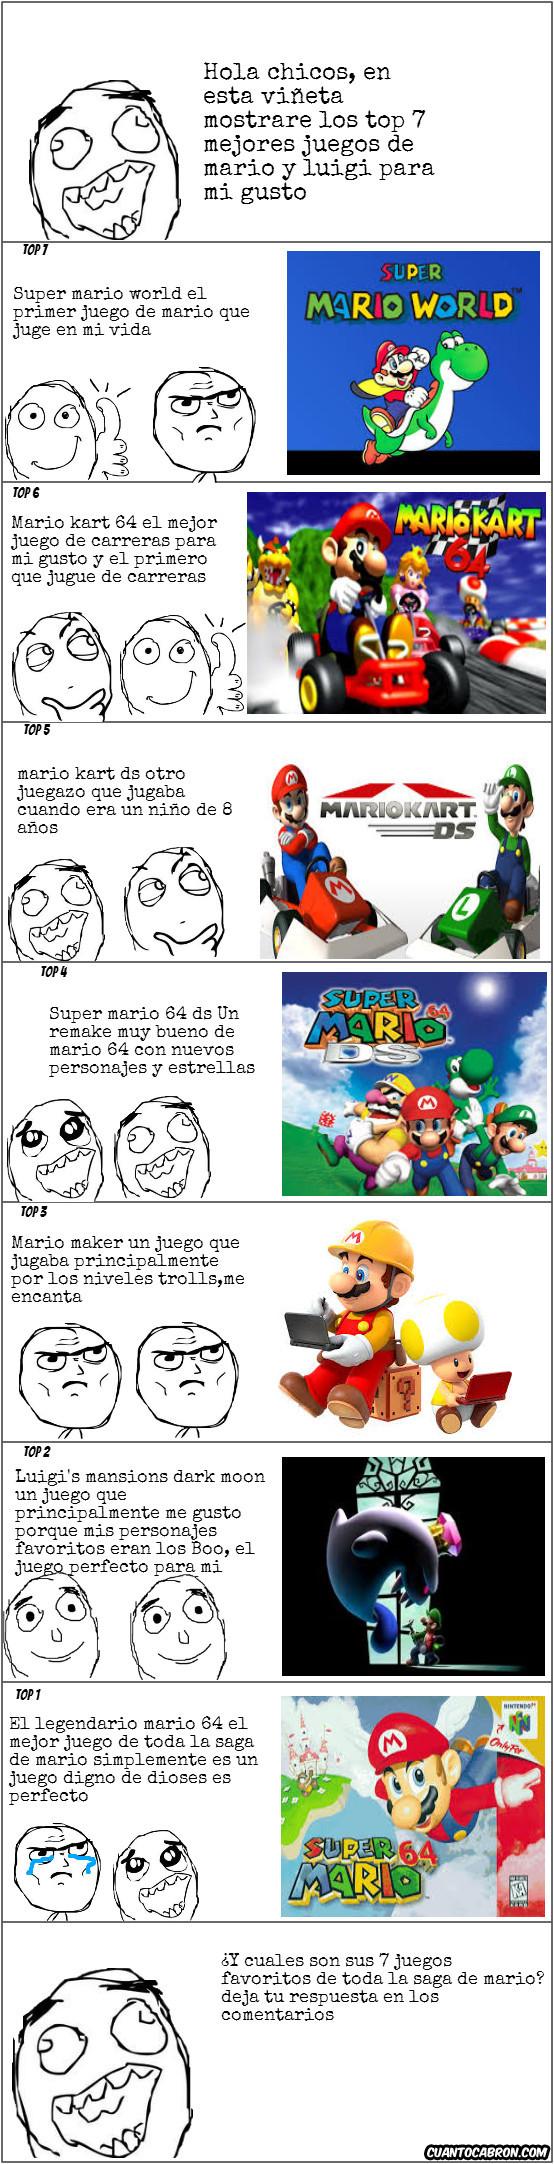 Freddie_mercury - Nostalgia nivel: Mario 64